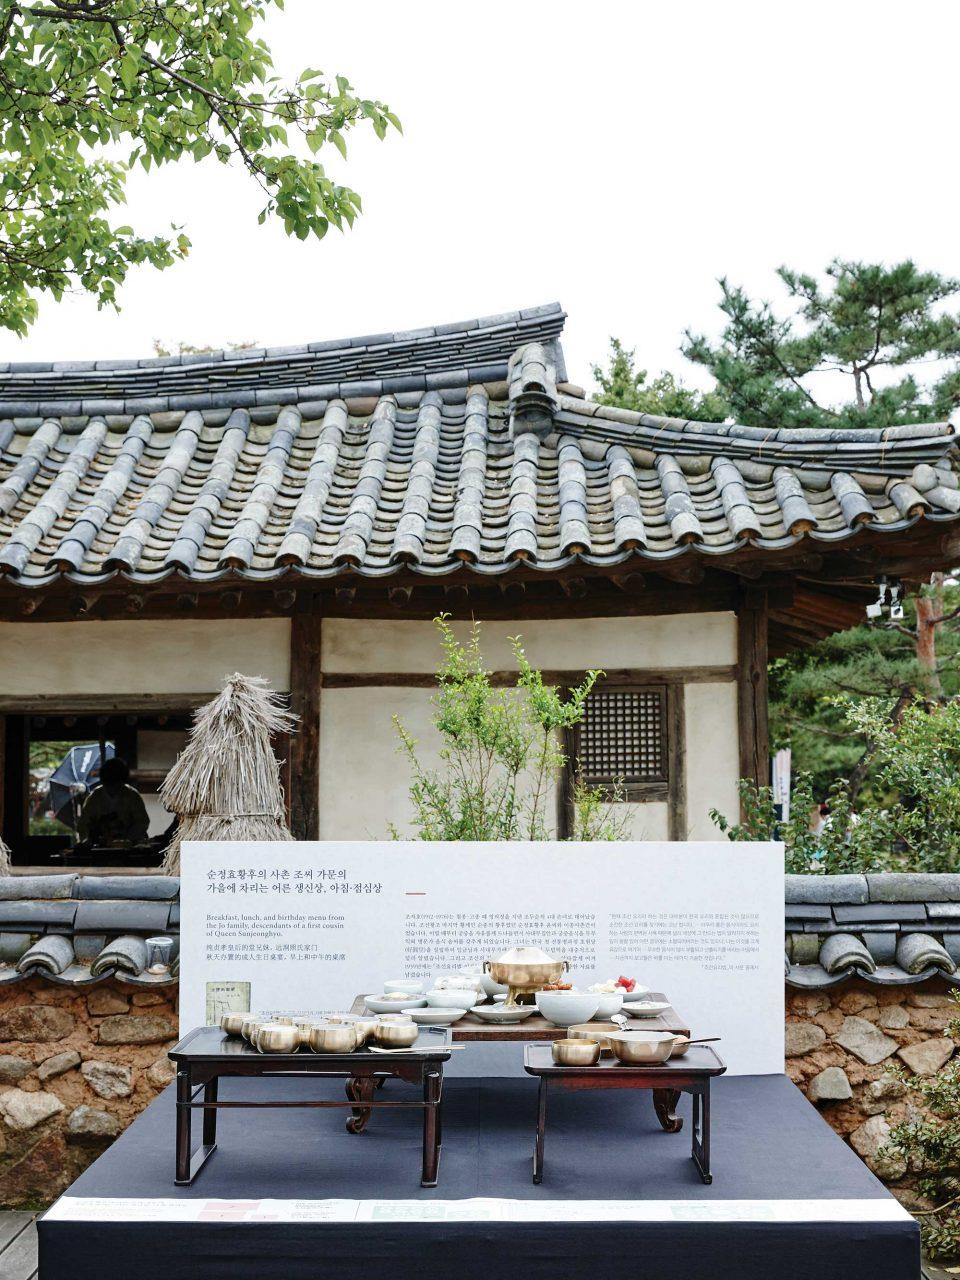 국립민속박물관 내 야외마당 곳곳에 유교 문화가 묻어나는 문중의 상차림이 전시되었다.